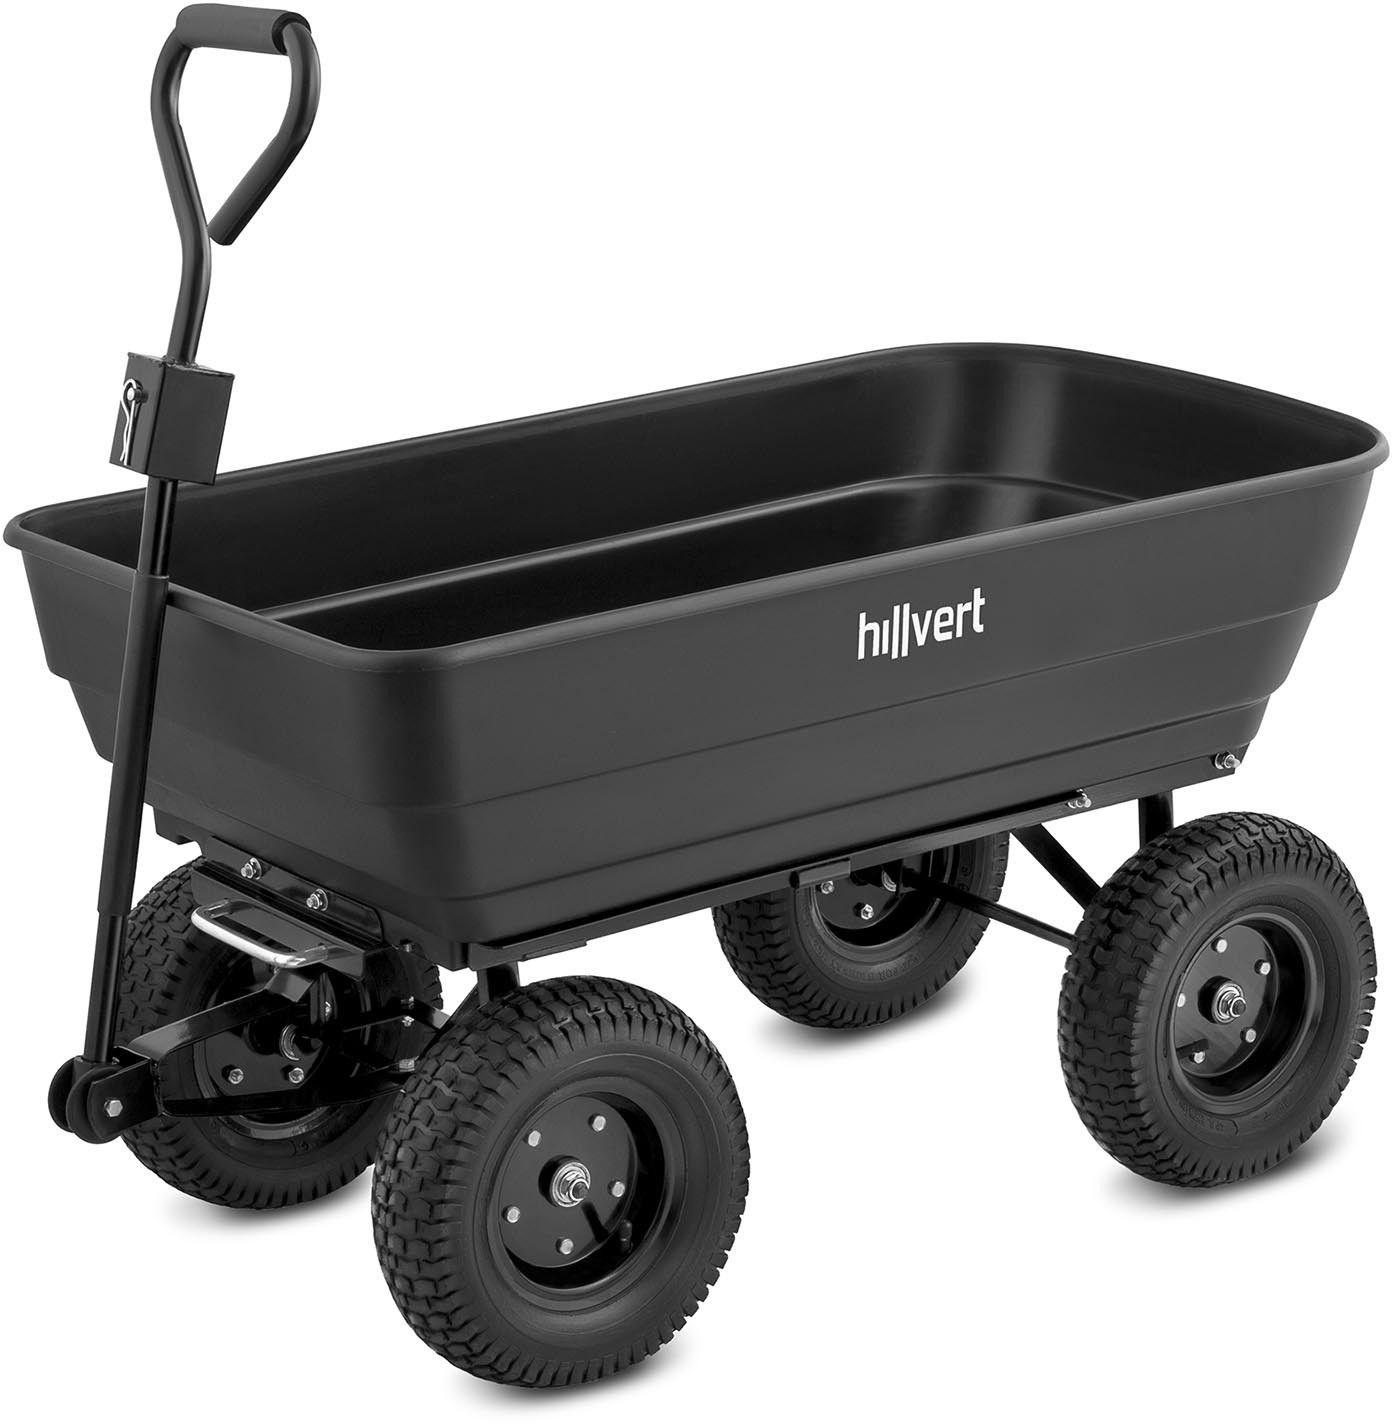 Wózek ogrodowy - 350 kg - 125 l - Hillvert - HT-Q.BASS-125G - 3 lata gwarancji/wysyłka w 24h